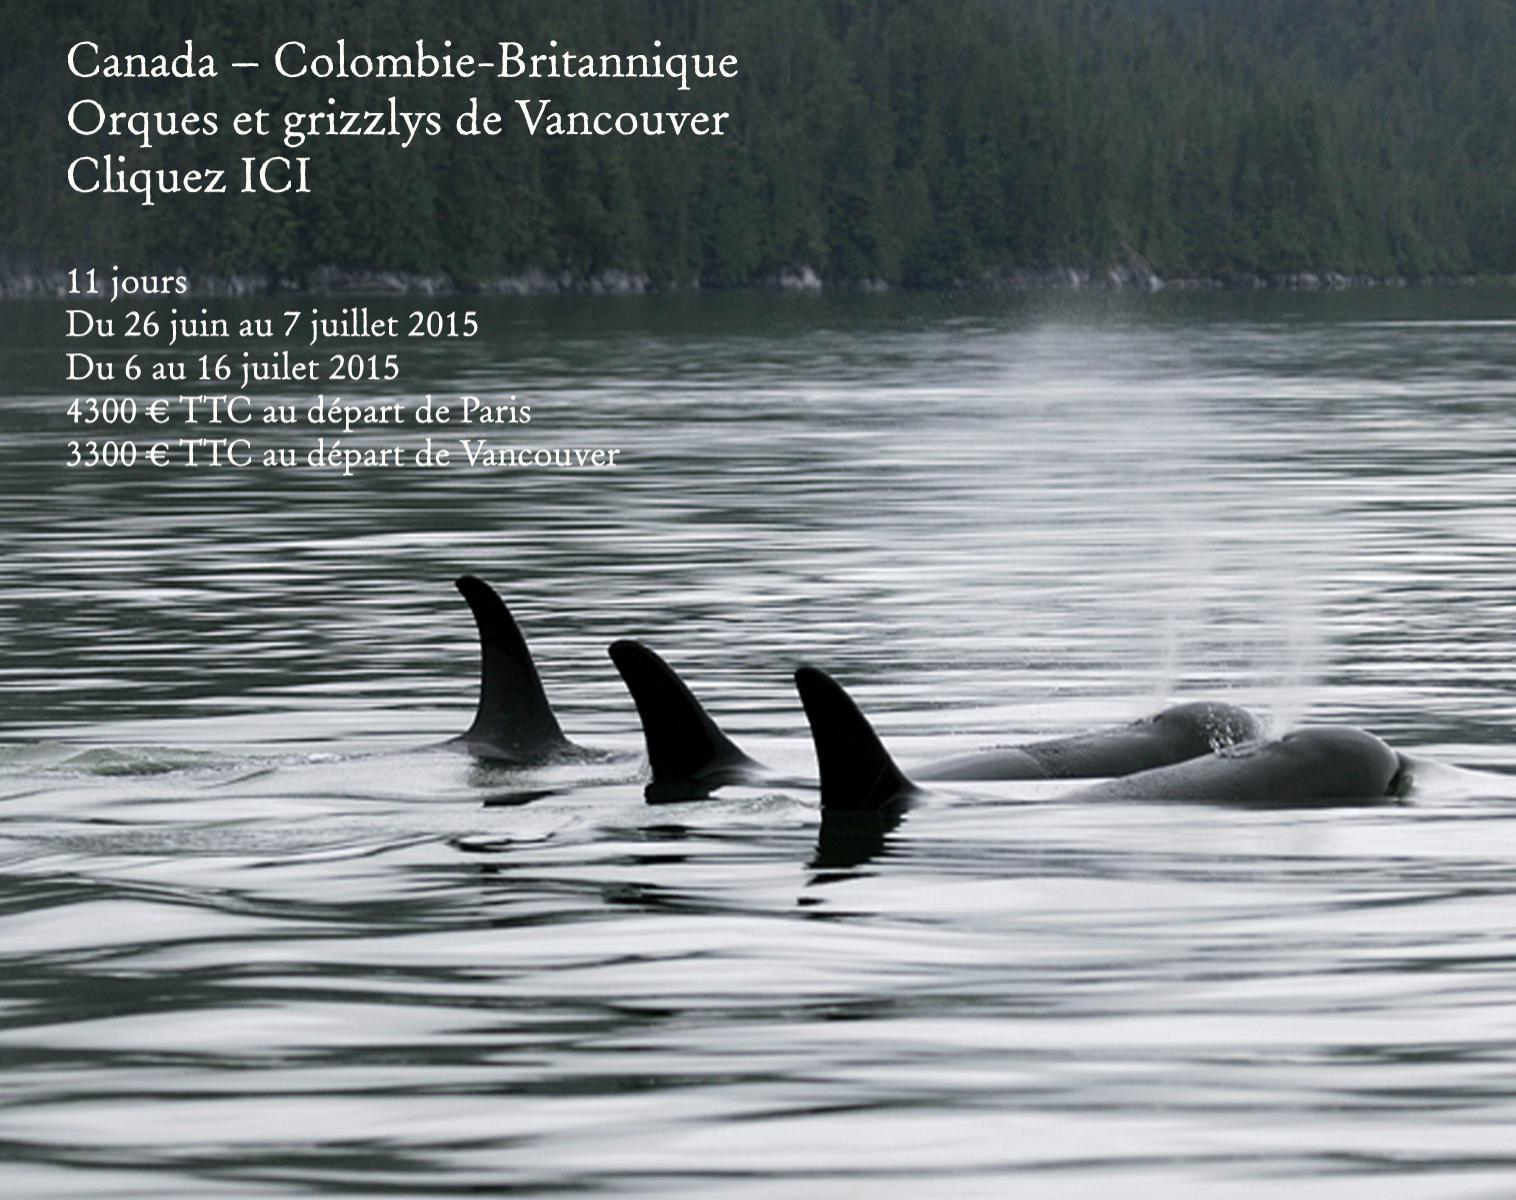 Canada – Colombie-Britannique Orques et grizzlys de Vancouver